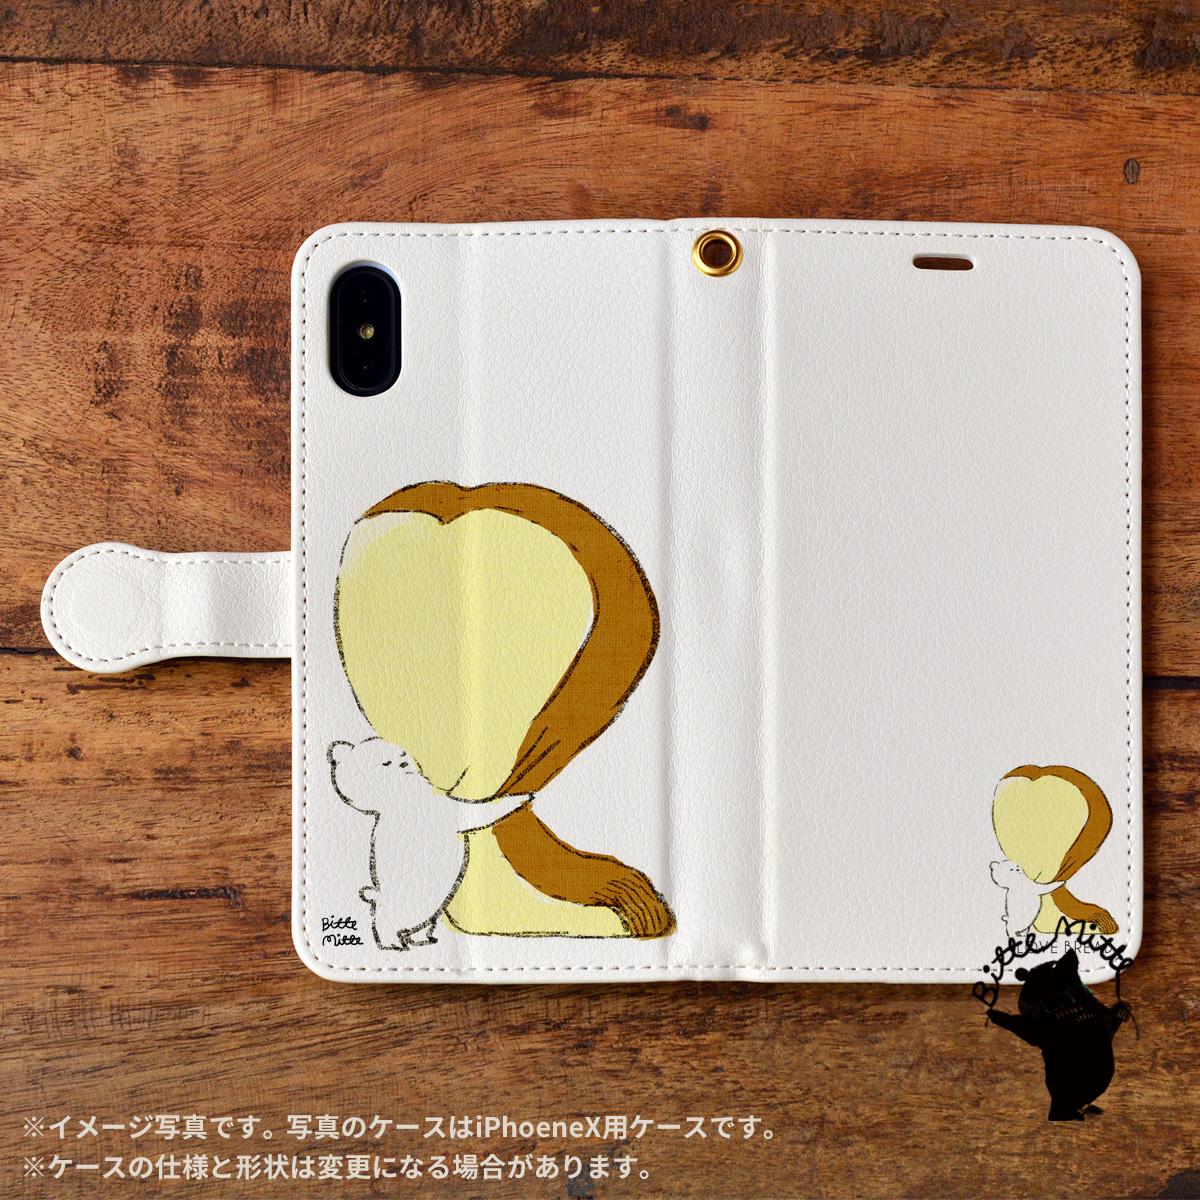 iphone8 スマホケース おしゃれ iphone8 ケース 手帳 大人かわいい iphone x ケース 手帳型 おしゃれ アイフォンテン ケース 手帳型 Galaxy Xperia パン しろくま シロクマ LOVE BREAD(ワンポイント)/Bitte Mitte!